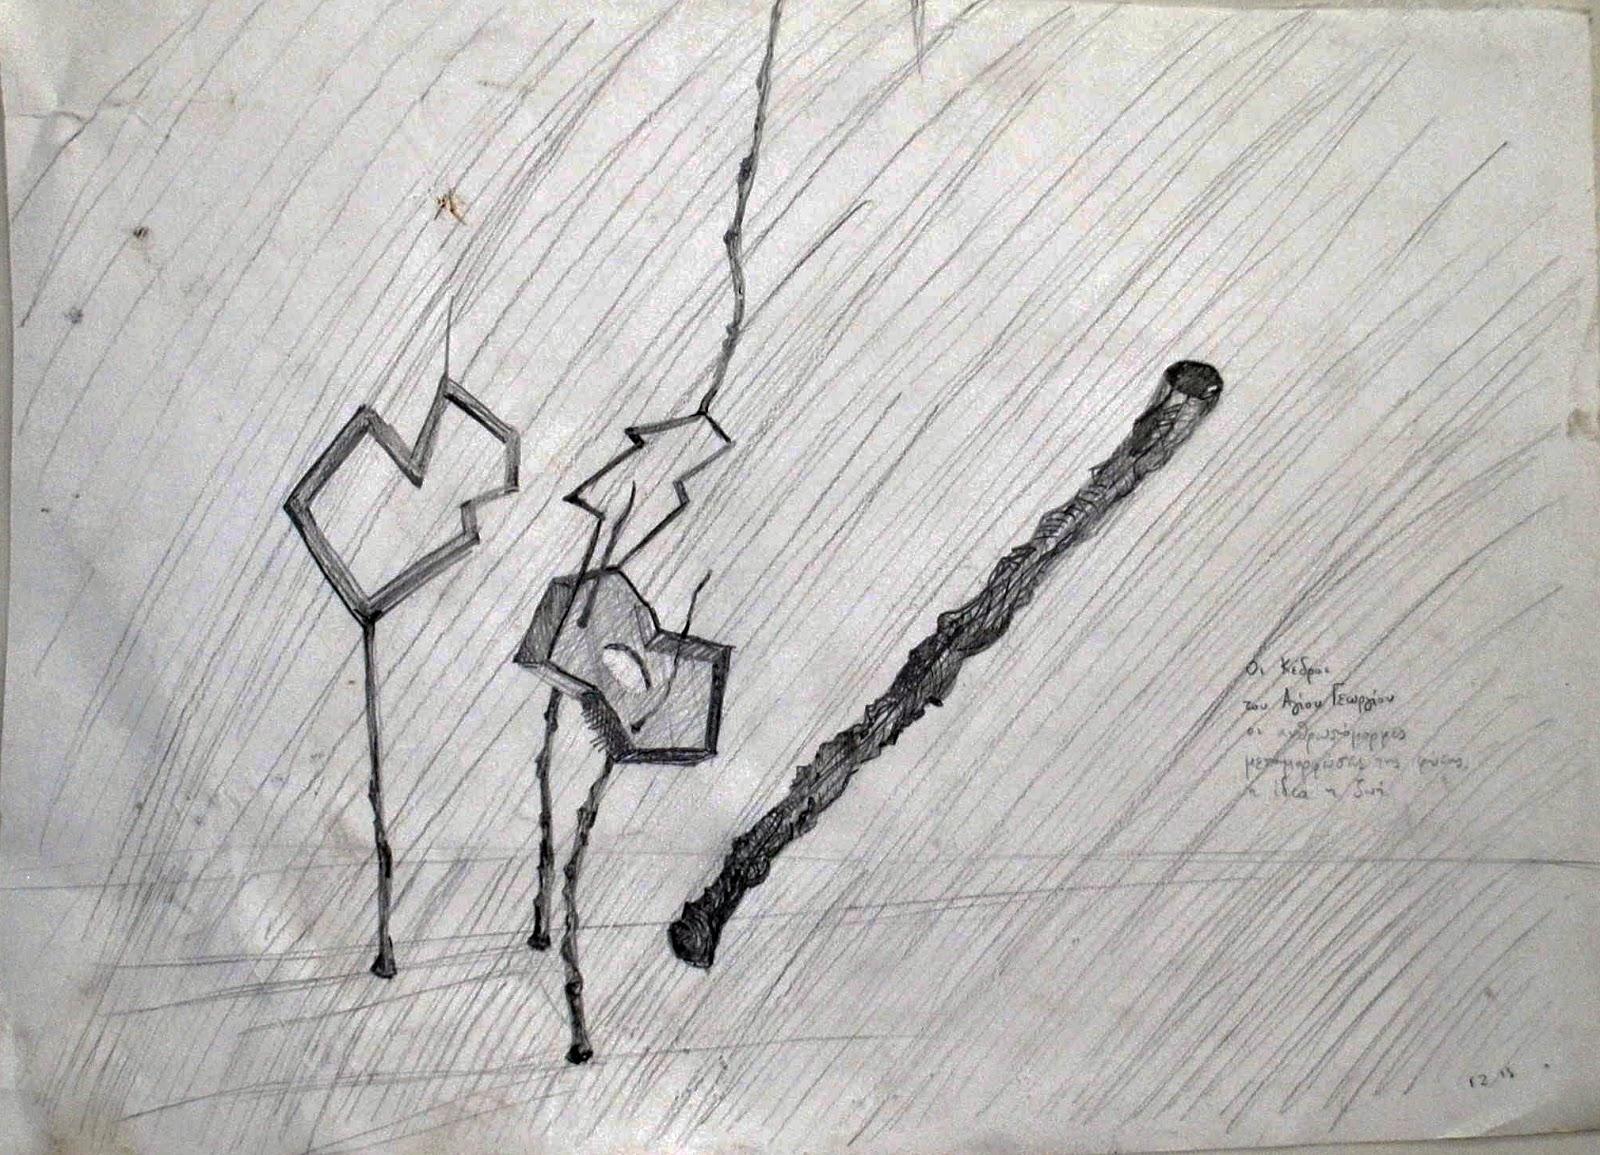 Μολύβι σε χαρτί, 2013, γιάννης ζιώγας